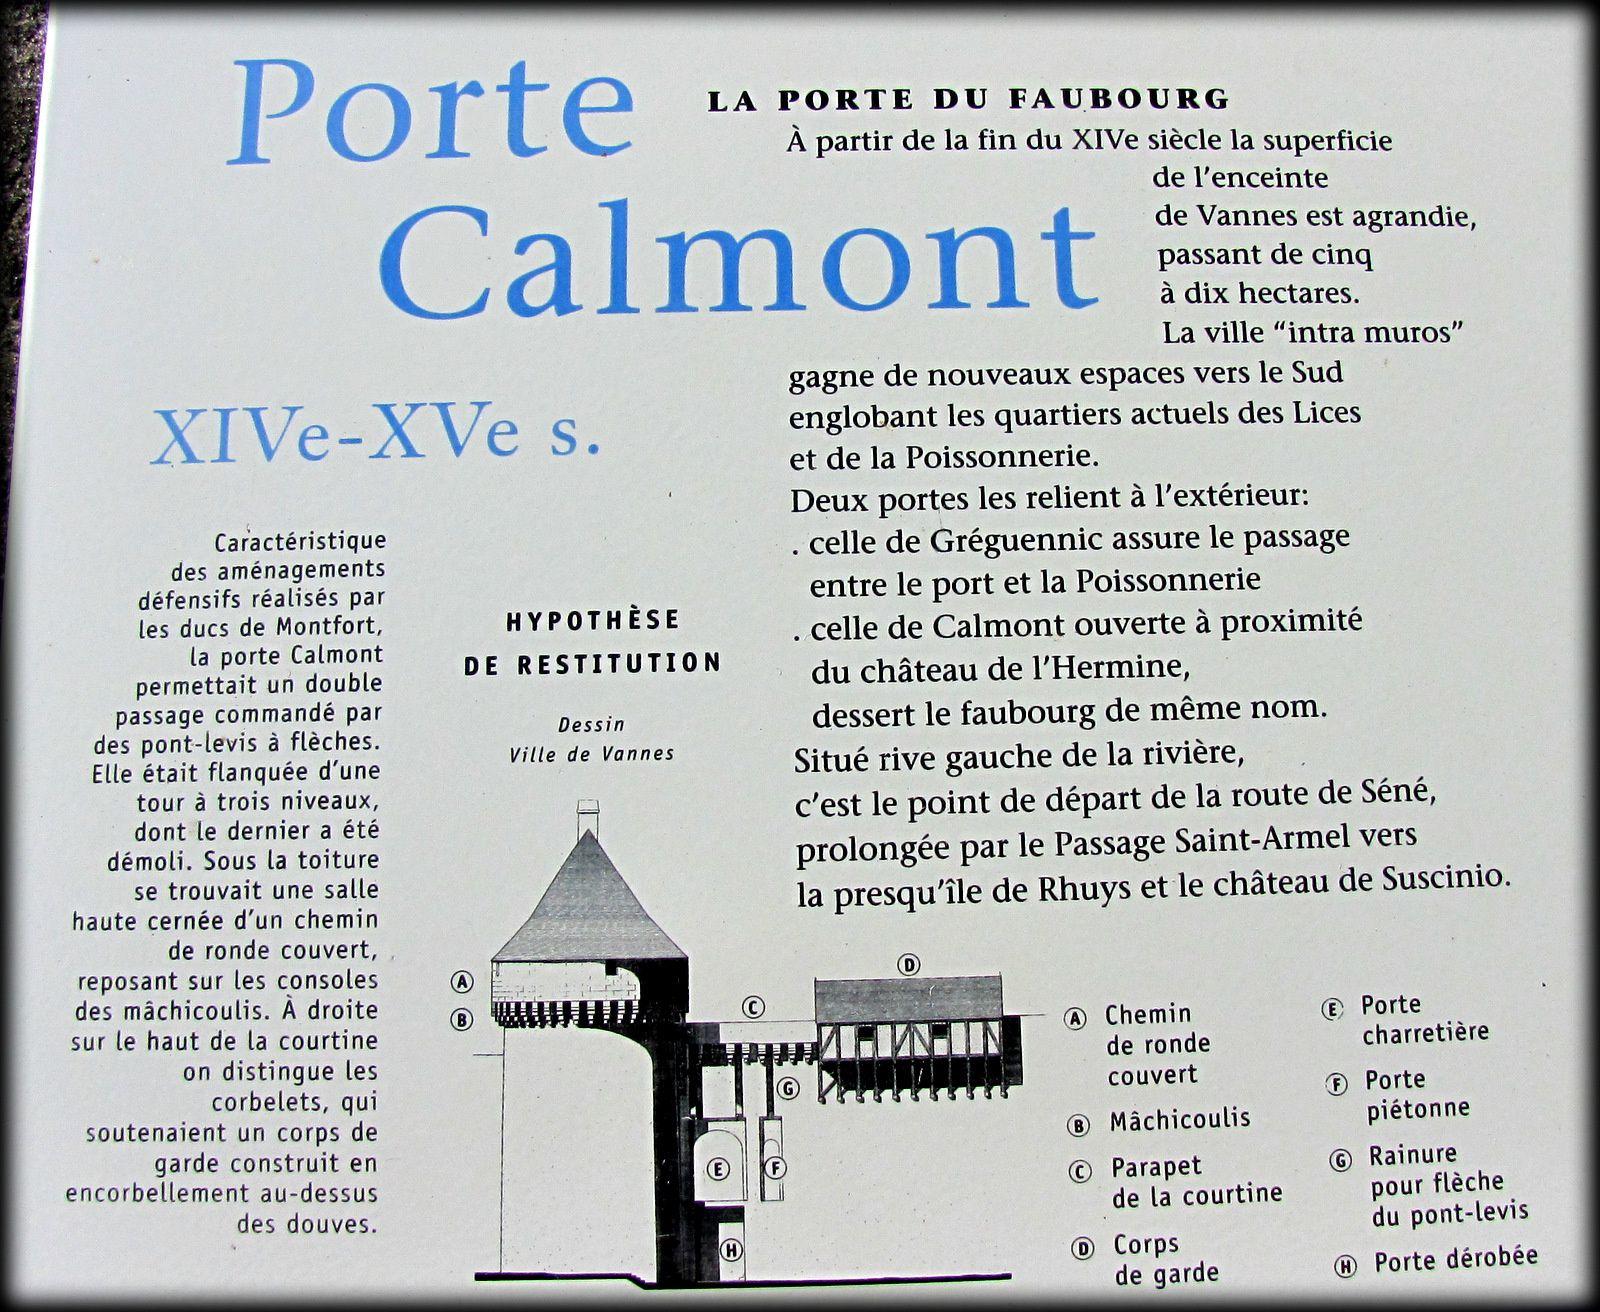 Porte Calmont (Vannes) et jardins du Château de l'Hermine